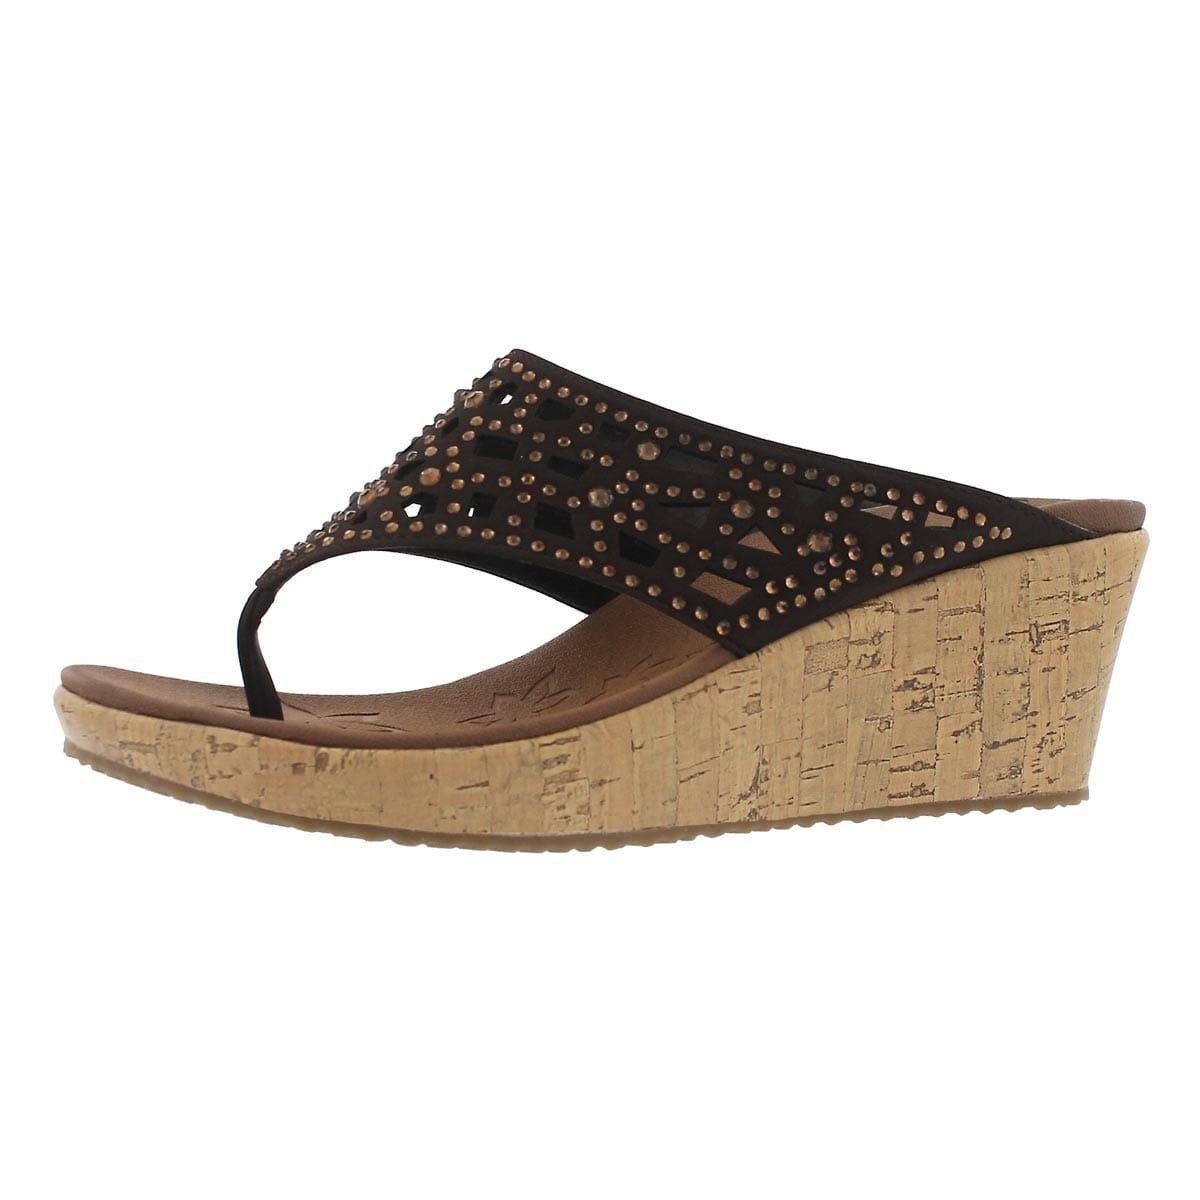 Skechers Cali Women's Beverlee Wedge Sandal,Chocolate,8 M US